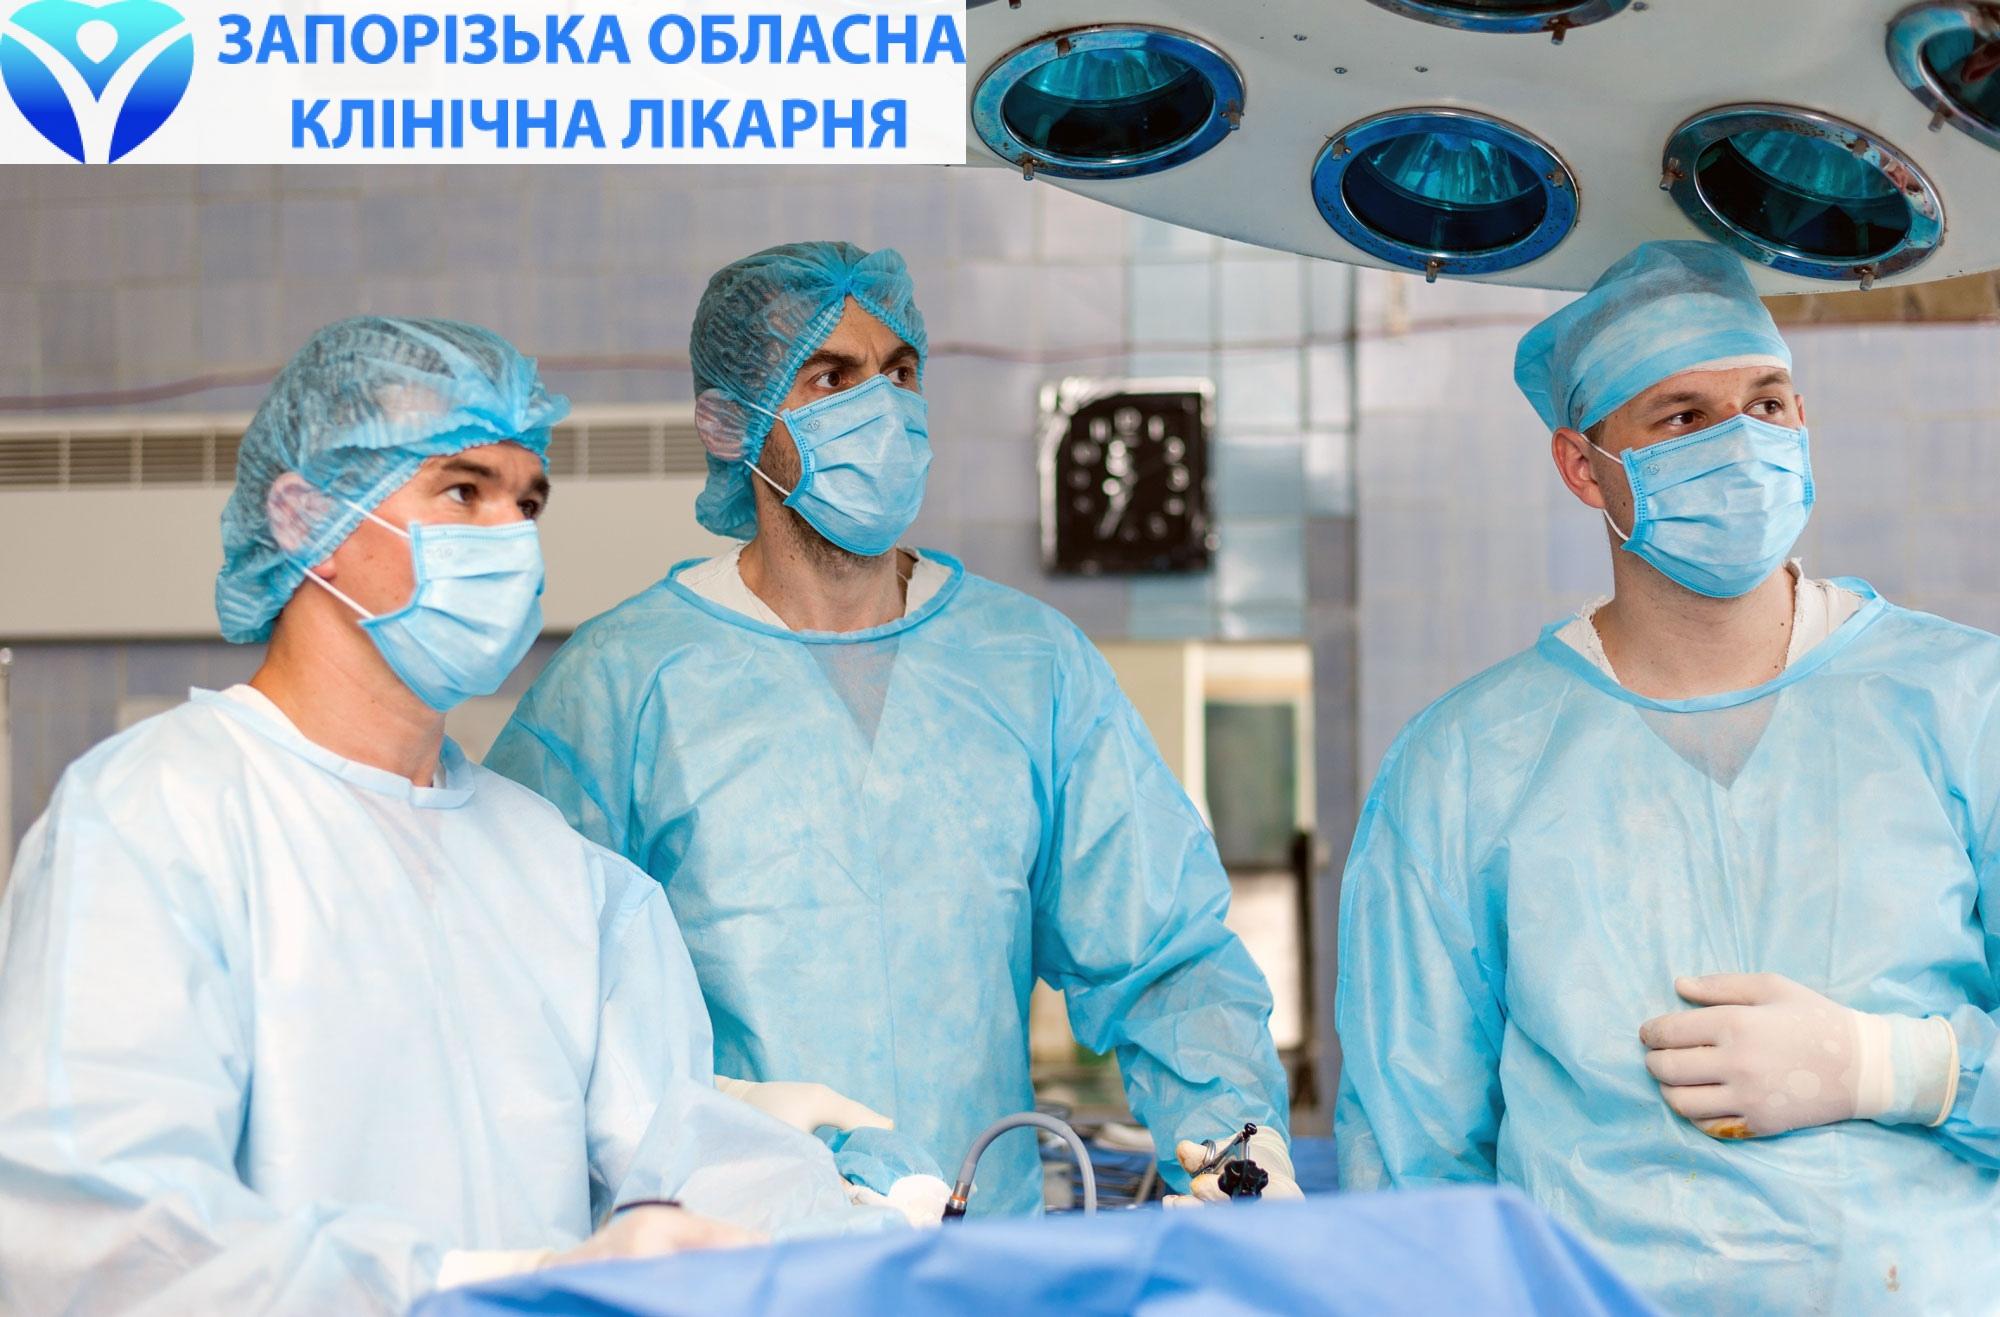 khirurgi-zaporozhskoy-oblbolnicy-s-po